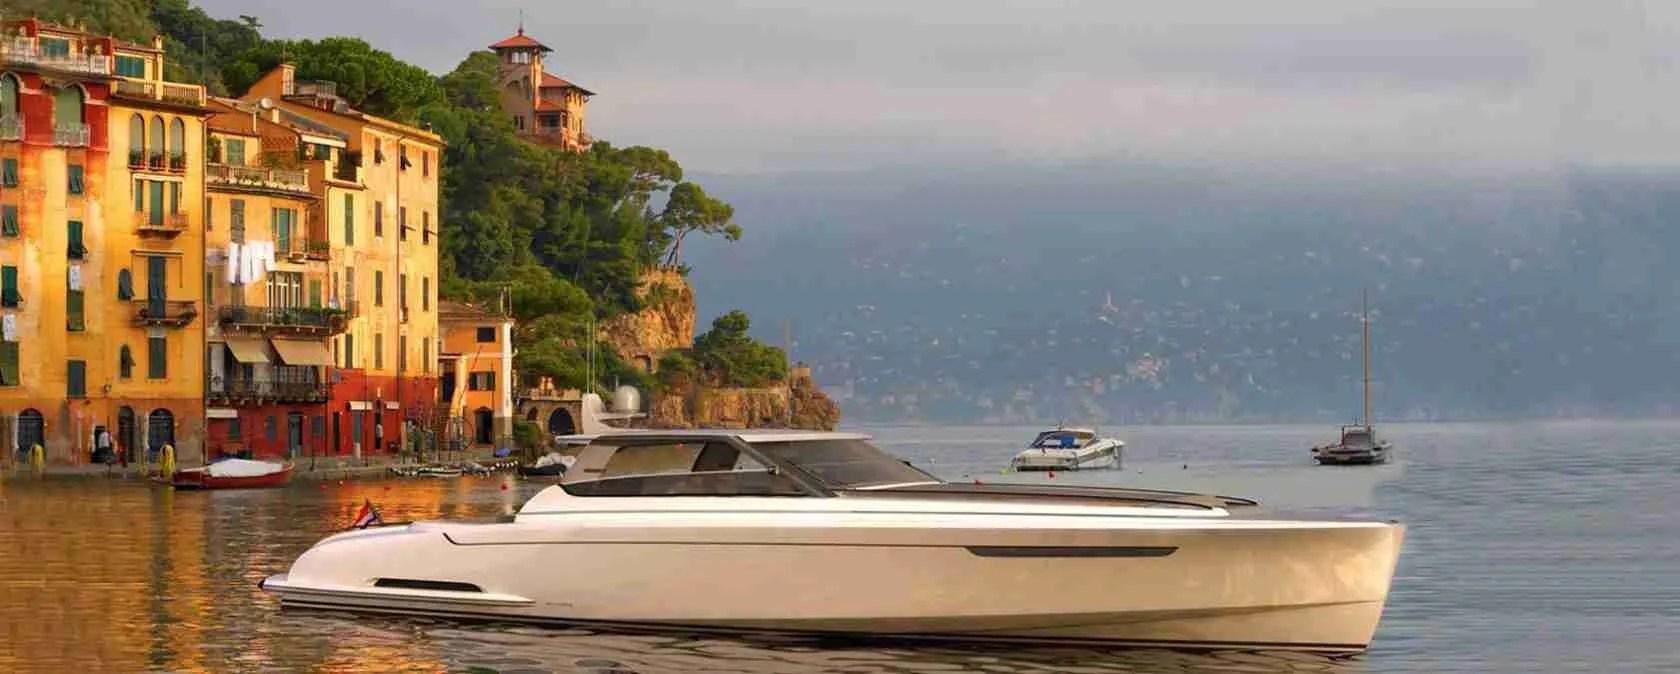 Le escort Lecco sognano un week end di passione sul Lago di Como, a bordo di un fantastico yacht. Magica Escort